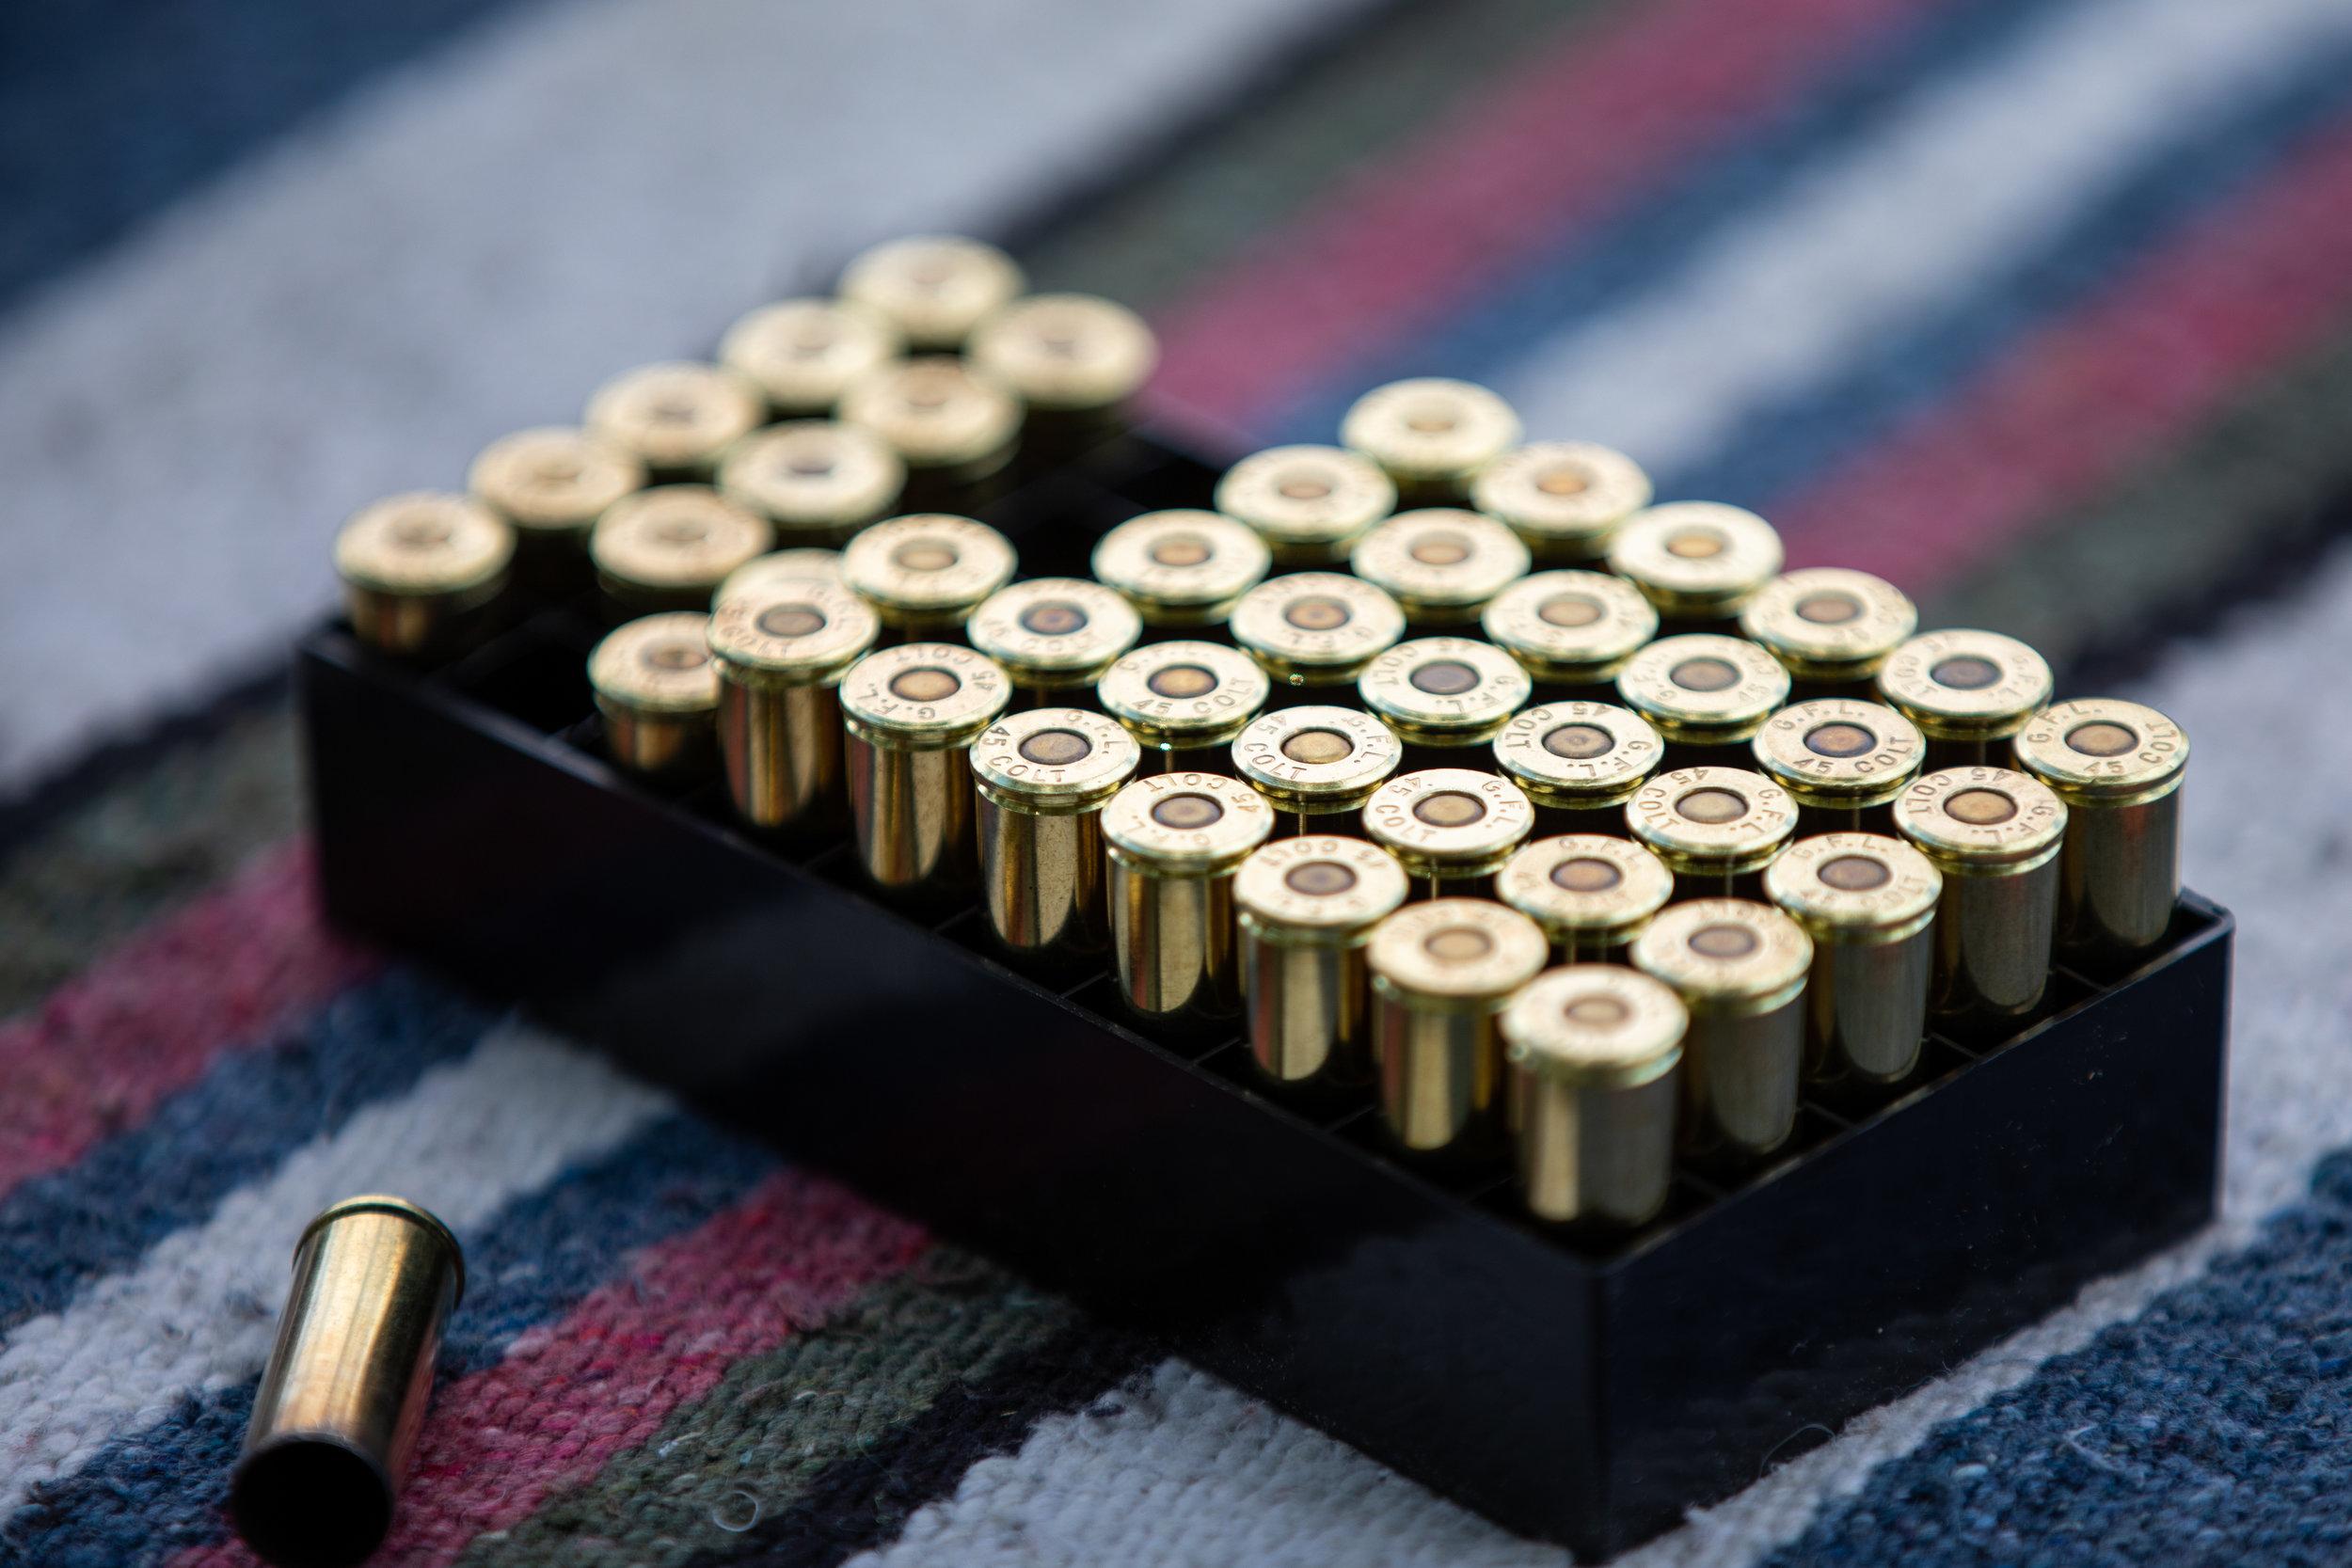 Shooting range setup